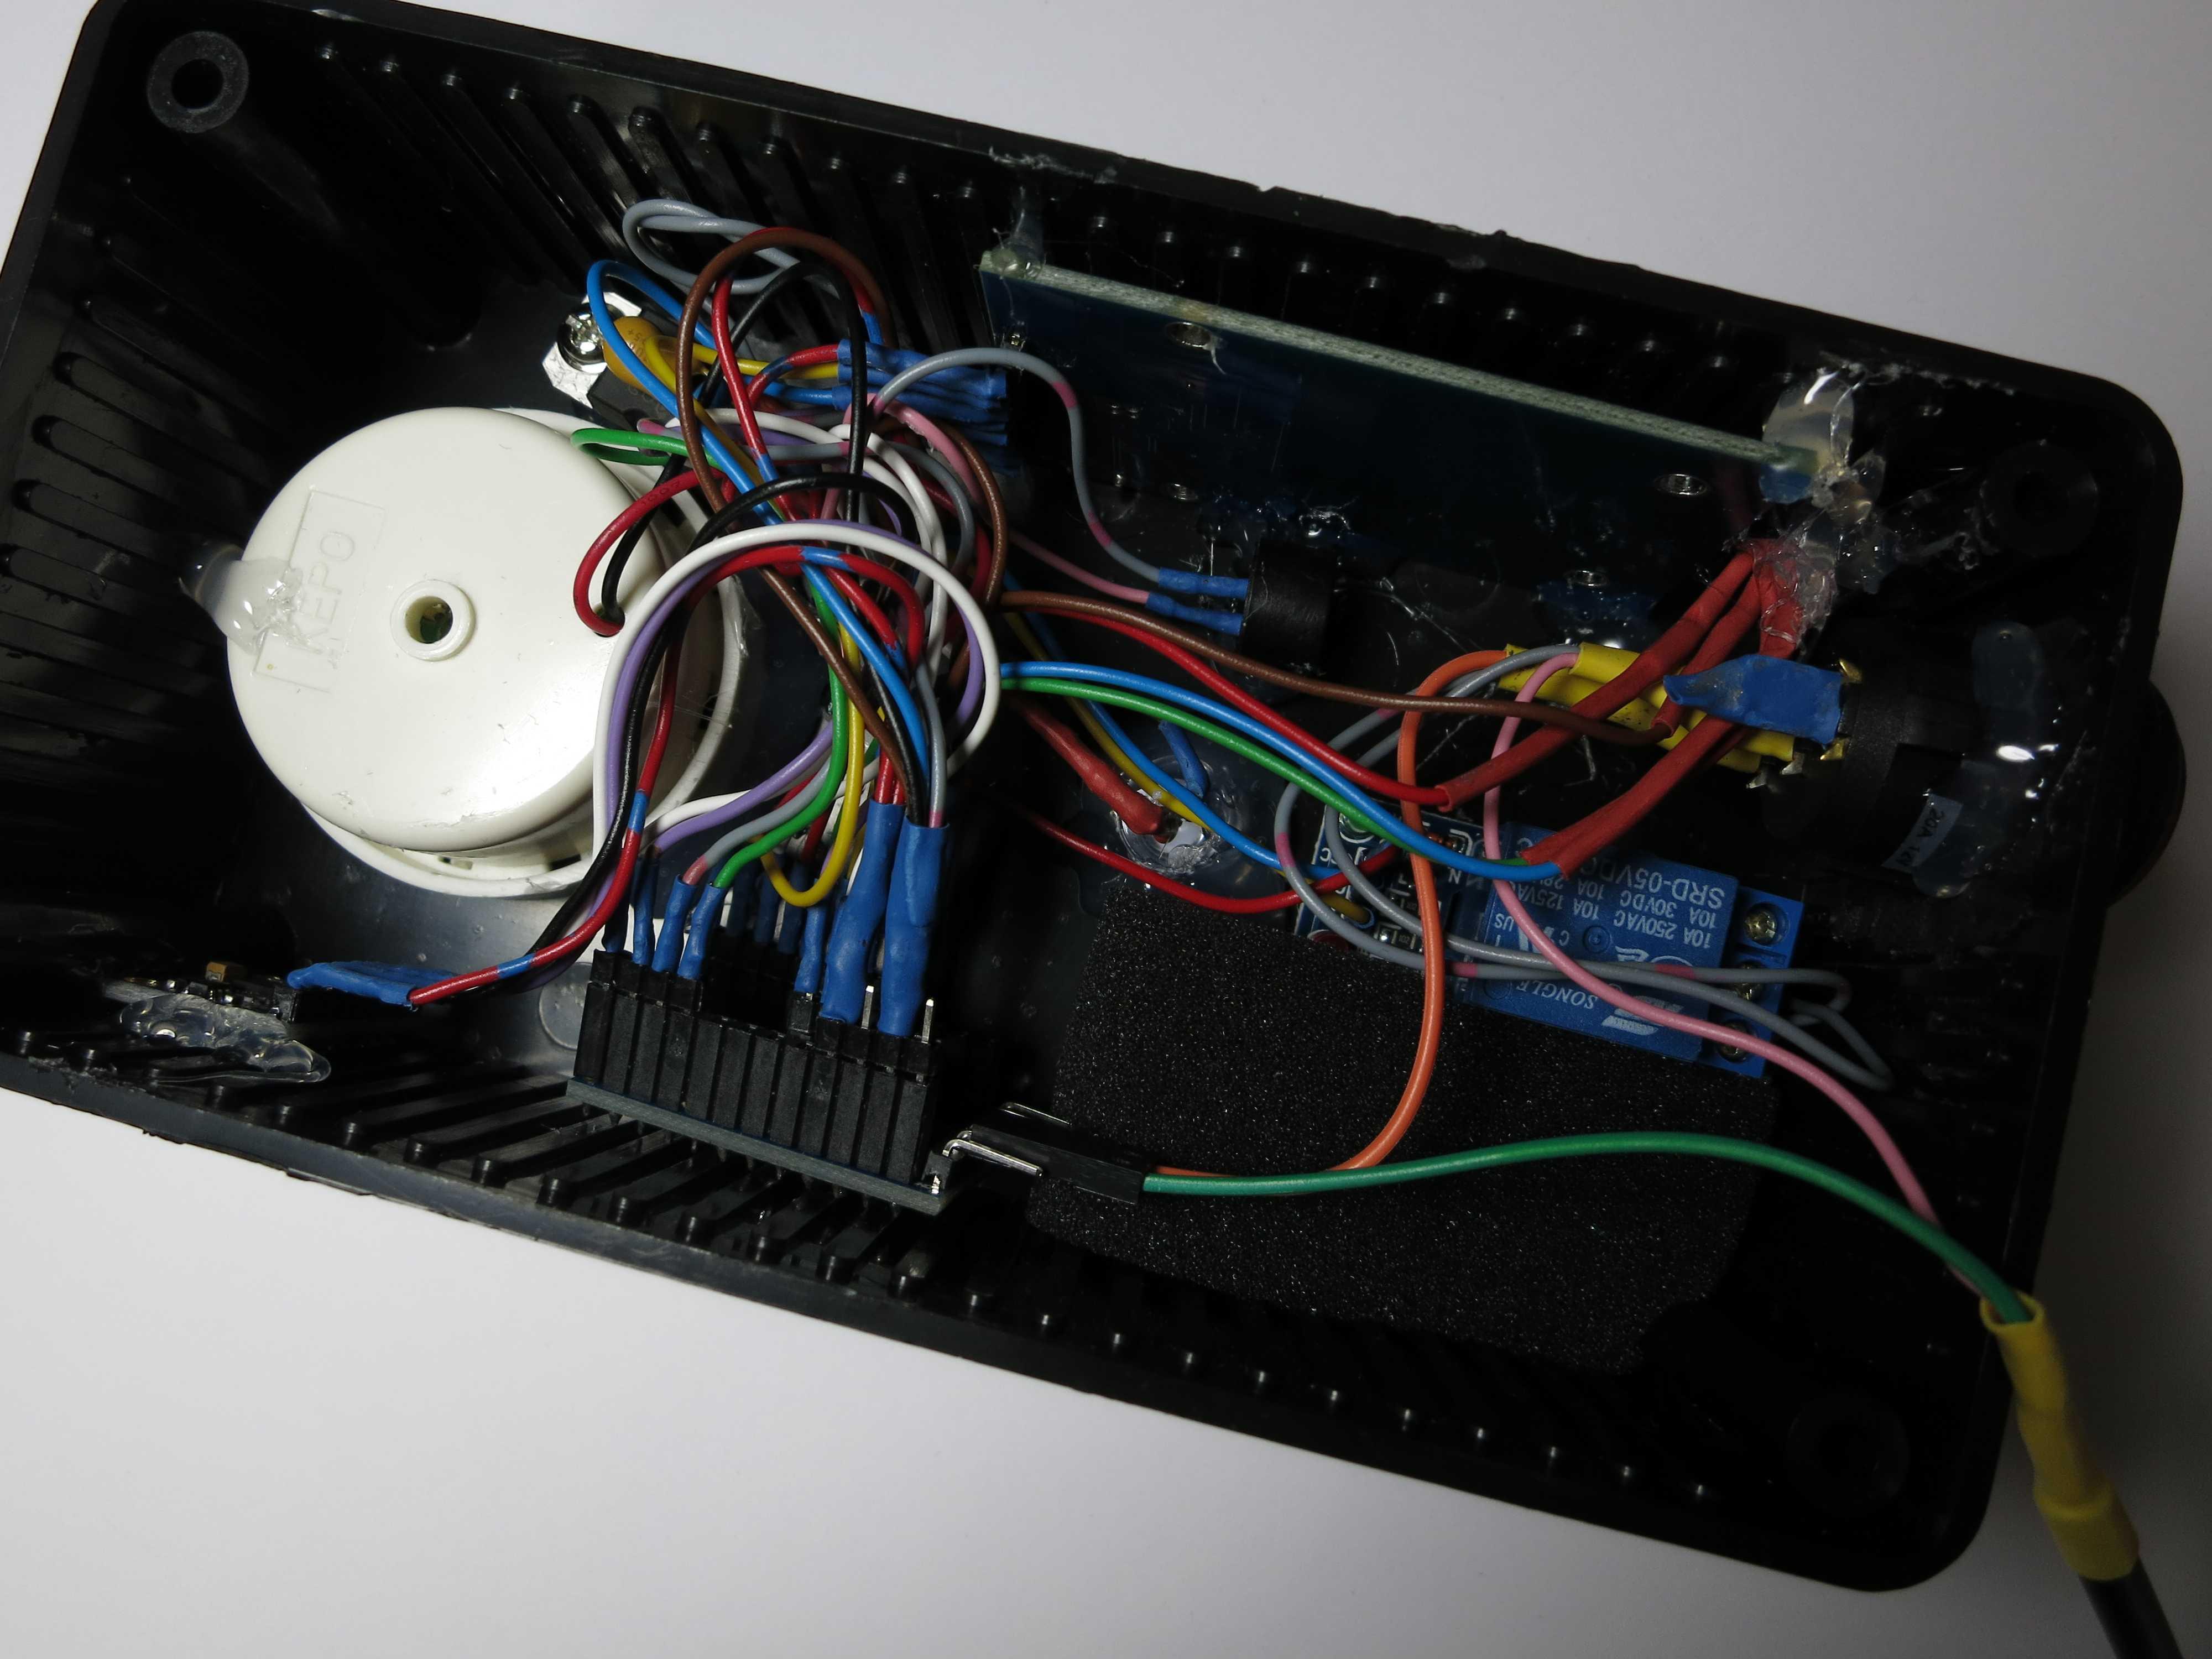 Elektronik: Kabel in einem schwarzen Kasten